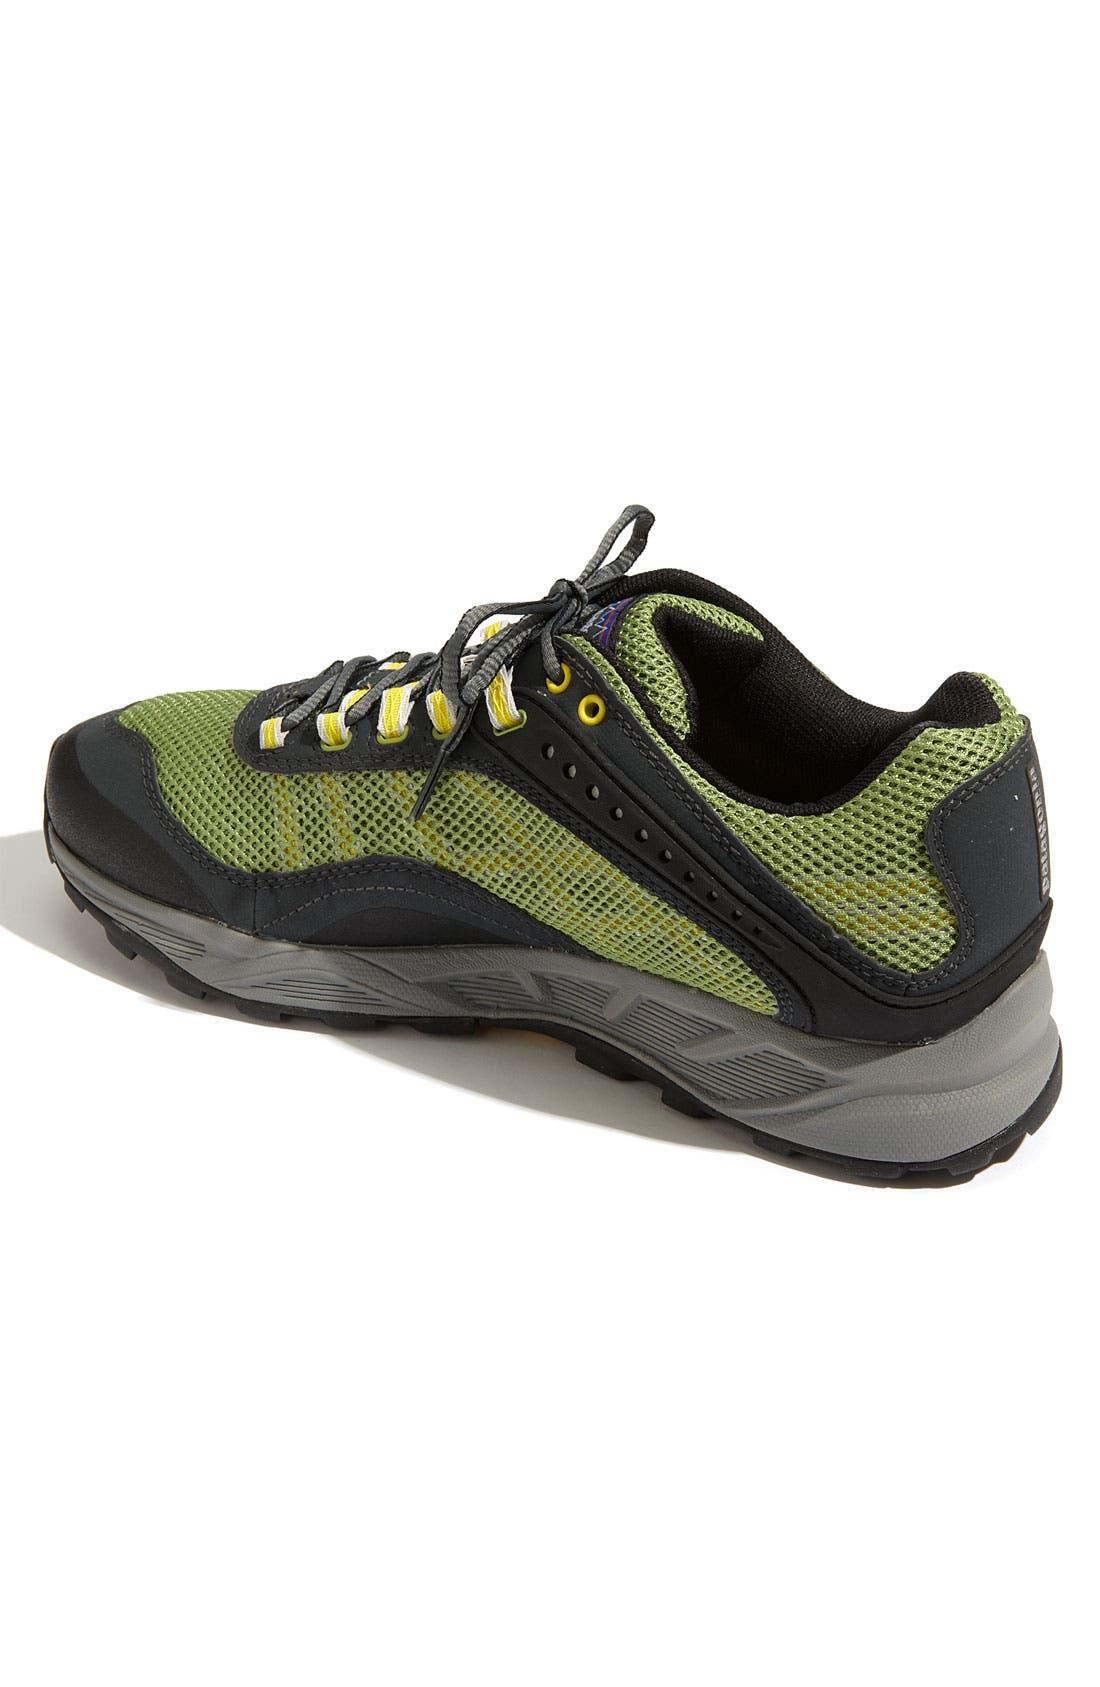 Alternate Image 3  - Patagonia 'Specter' Trail Running Shoe (Men)